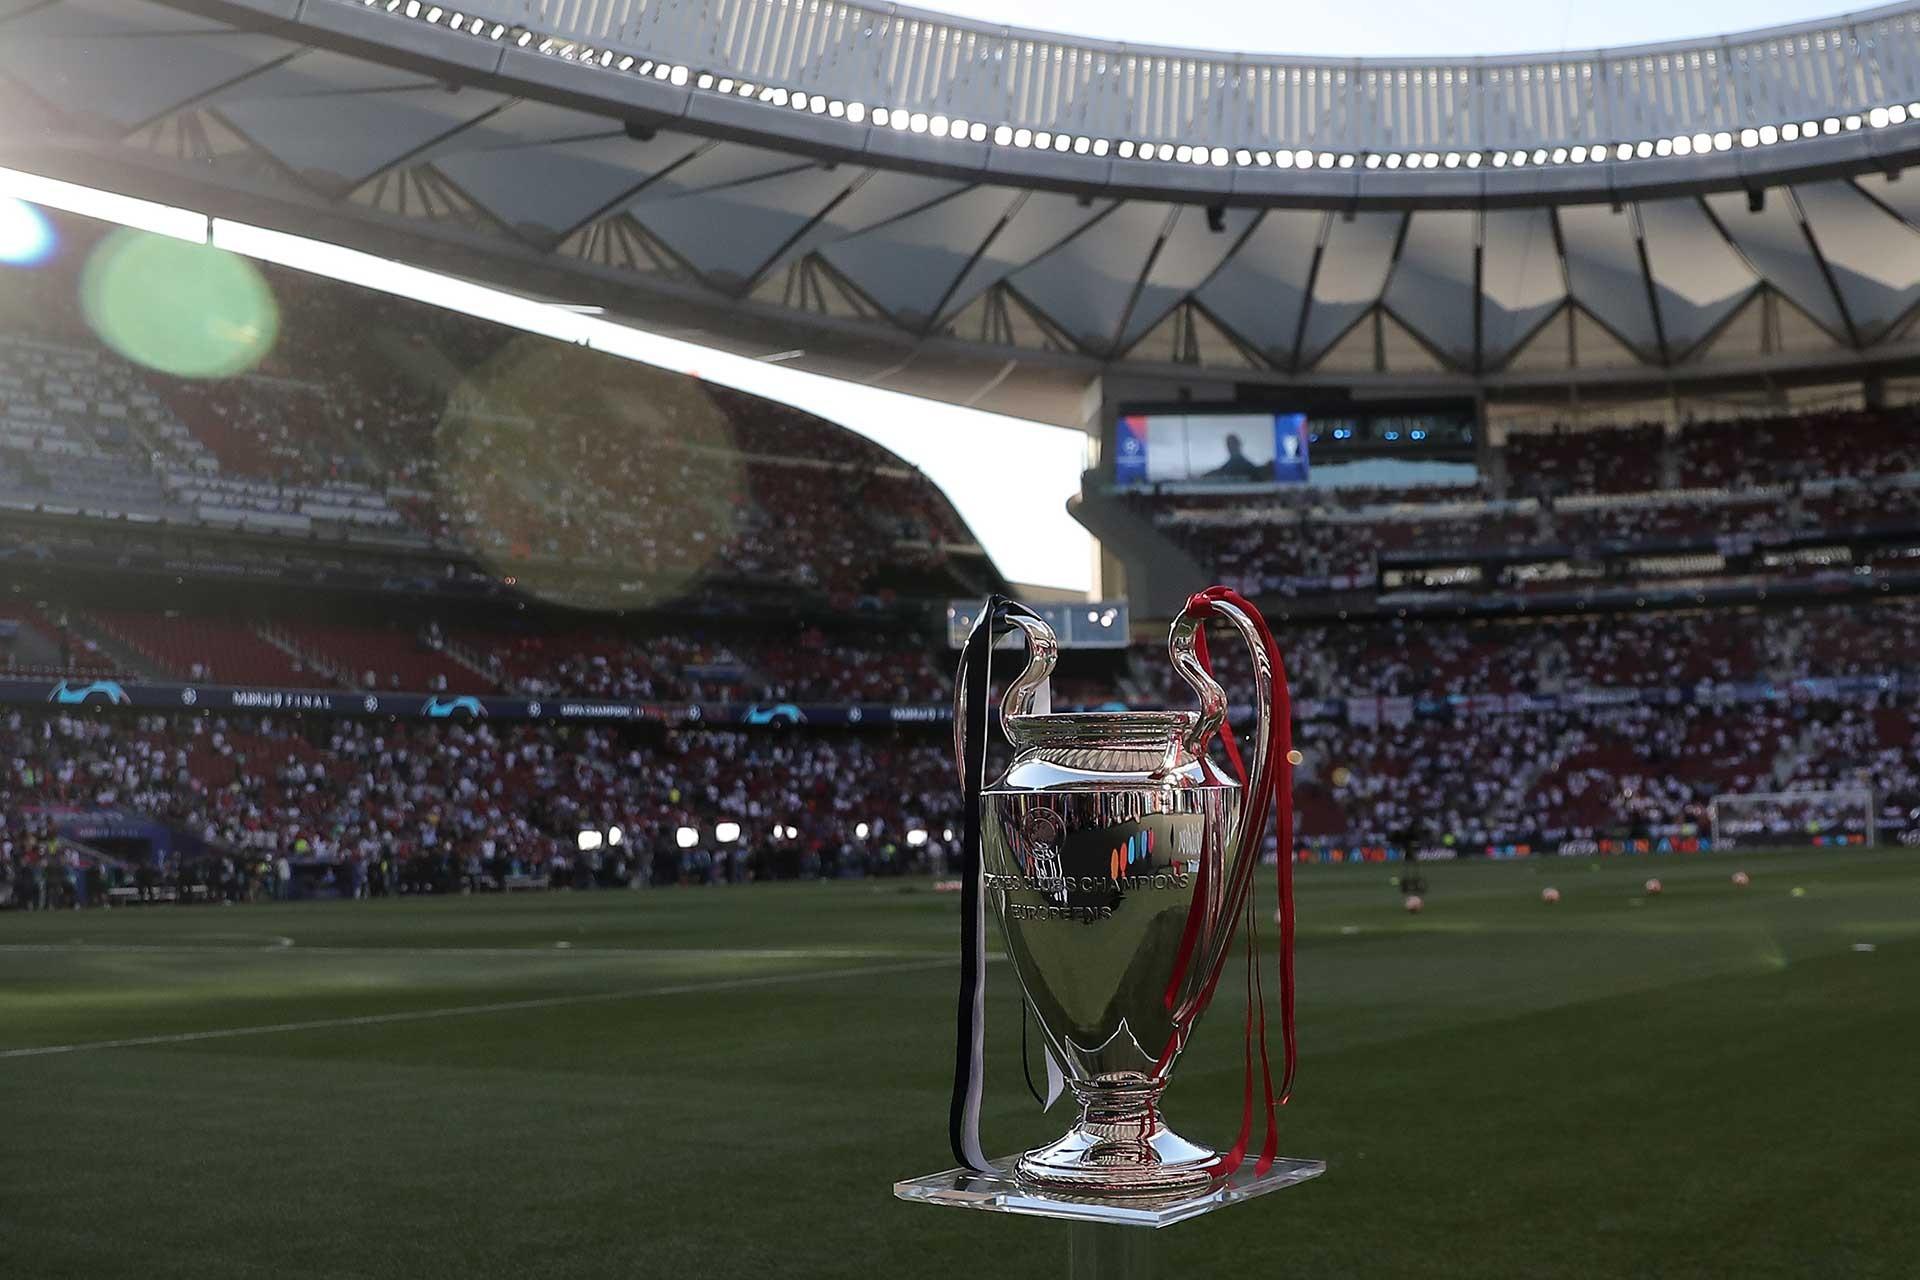 Avrupa futbol liglerinde 2018/19 sezonu şampiyonları